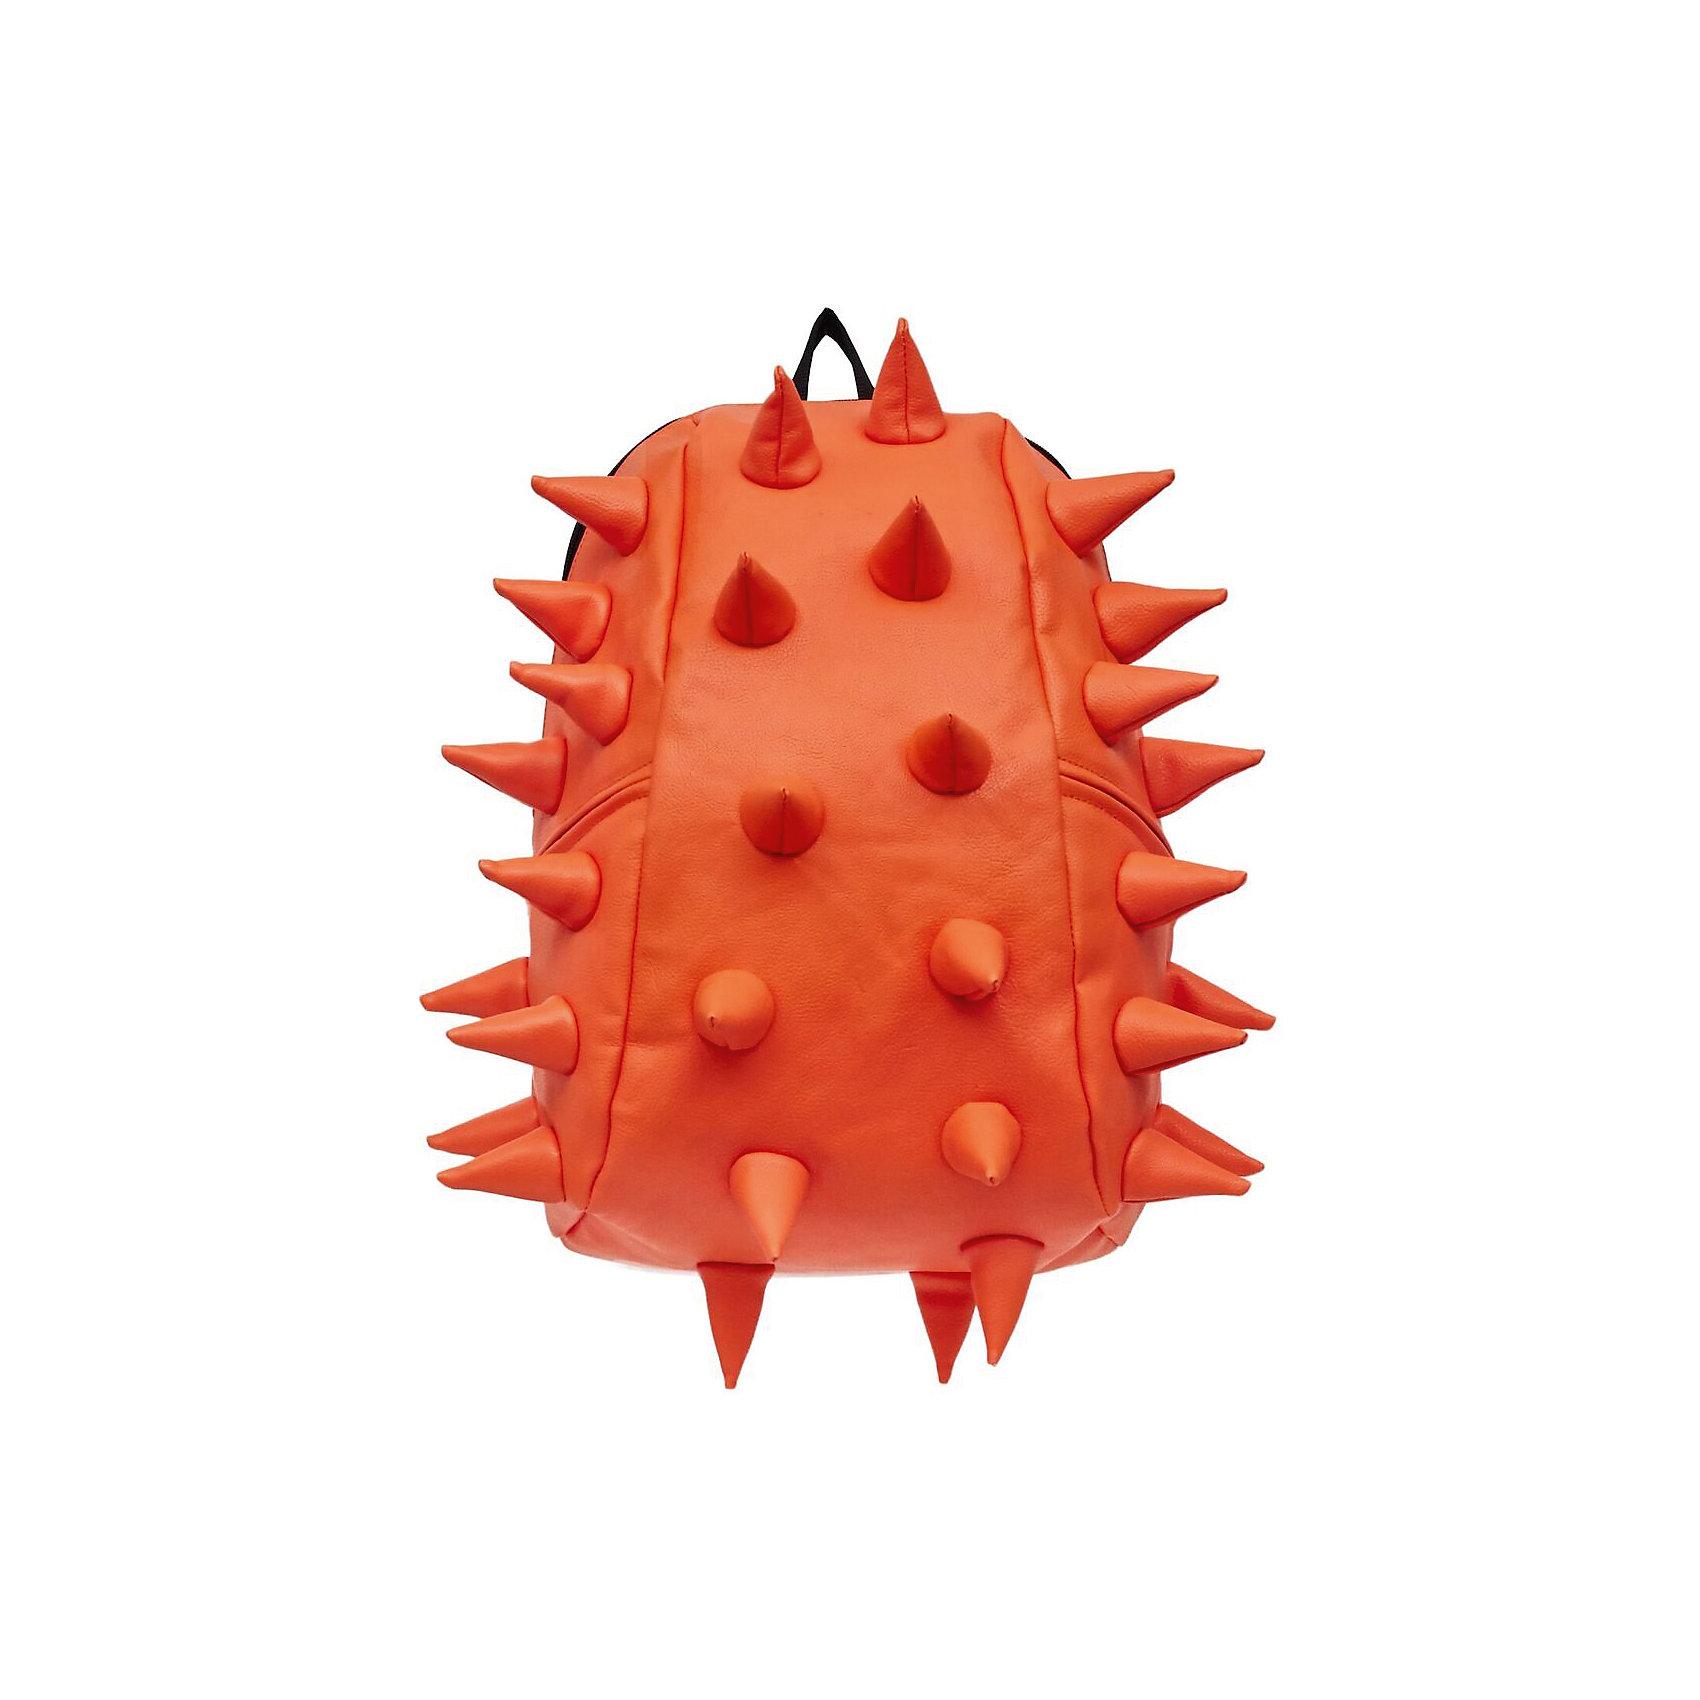 Рюкзак Rex 2 Full, цвет оранжевыйРюкзаки<br>Вес: 0,8 кг<br>Размер: 46х35х20 см<br>Состав: рюкзак<br>Наличие светоотражающих элементов: нет<br>Материал: полиуретан<br><br>Ширина мм: 460<br>Глубина мм: 350<br>Высота мм: 200<br>Вес г: 800<br>Возраст от месяцев: 60<br>Возраст до месяцев: 720<br>Пол: Унисекс<br>Возраст: Детский<br>SKU: 7054066